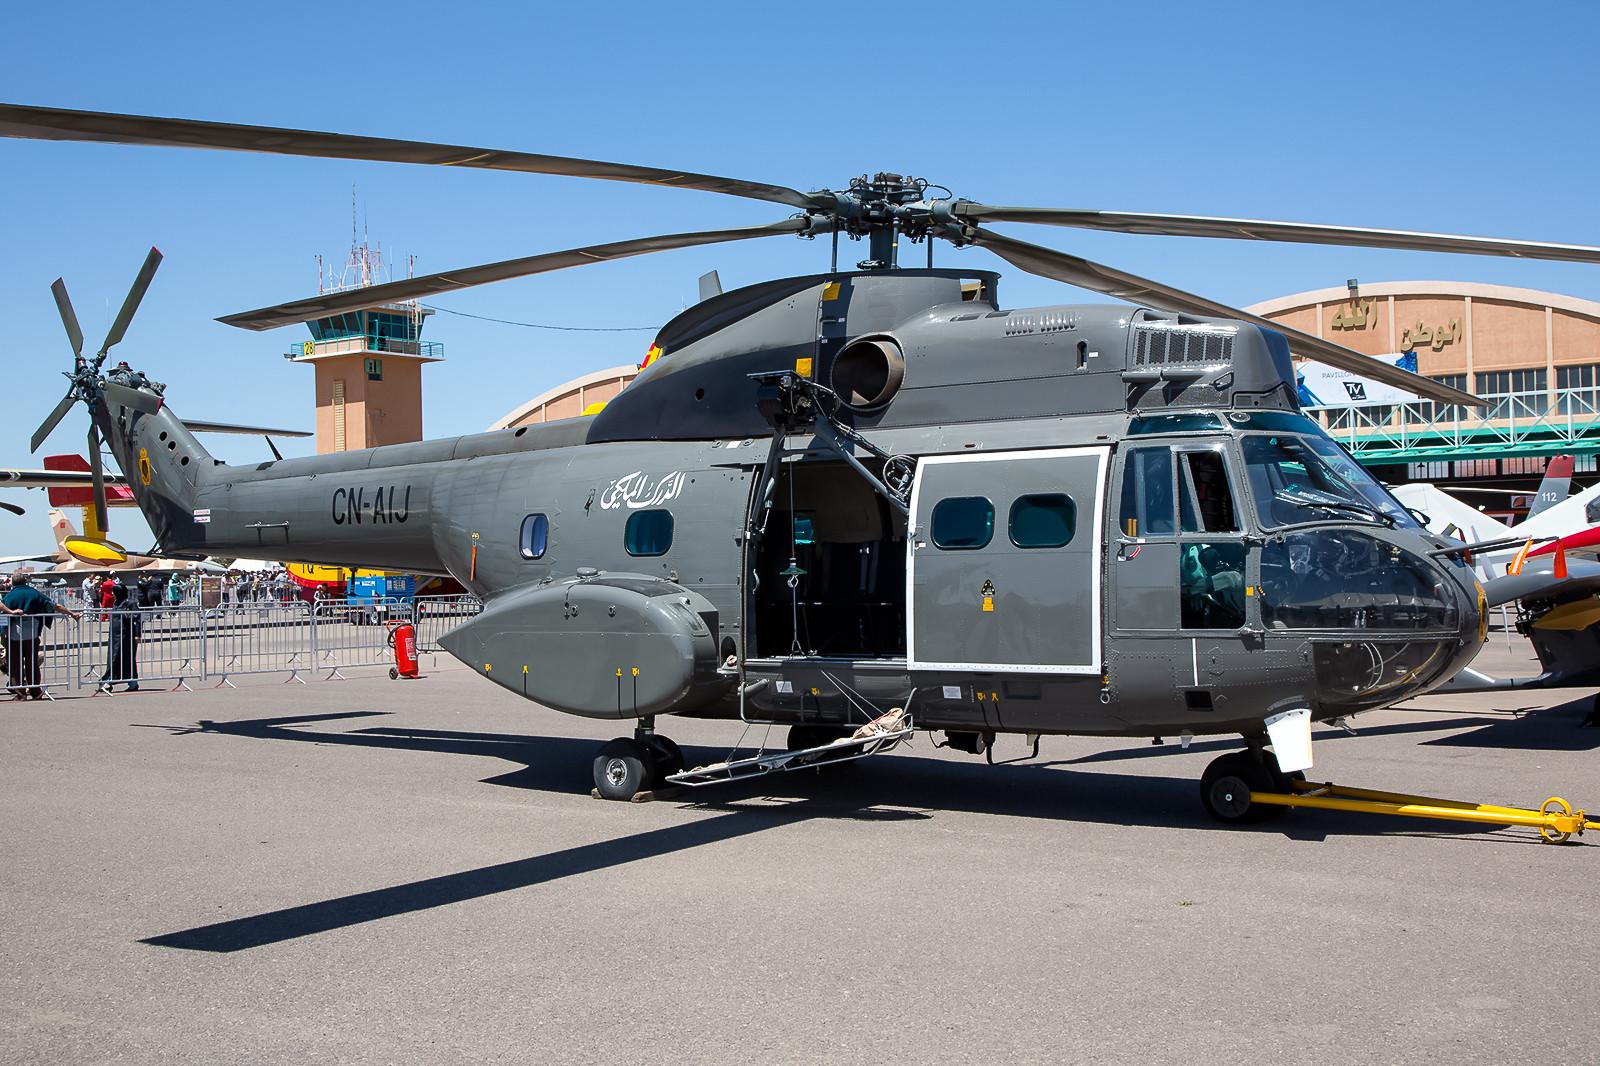 Eine SA-330C der Gendarmerie Royale mit Sandfiltern vor den Triebwerkseinläufen.